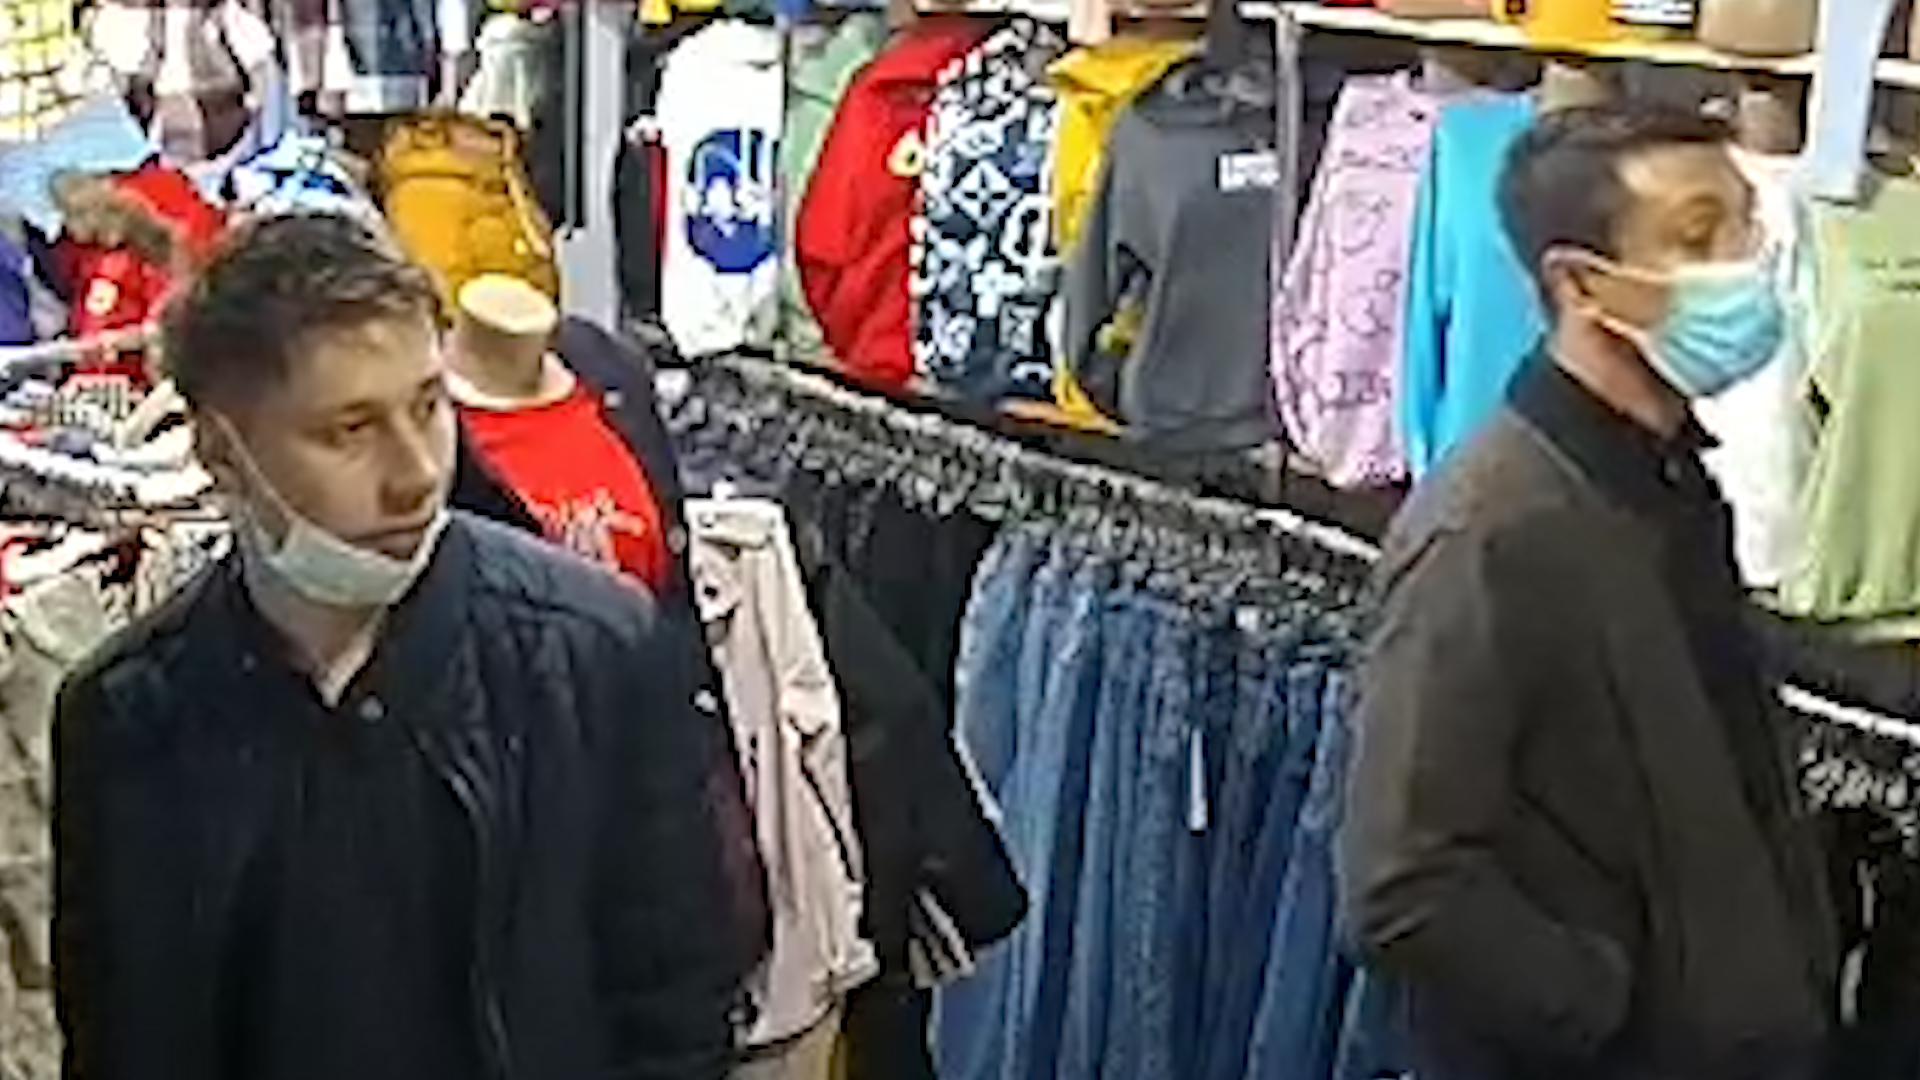 В Никополе ограбили магазин: помогите установить личность | Прихист